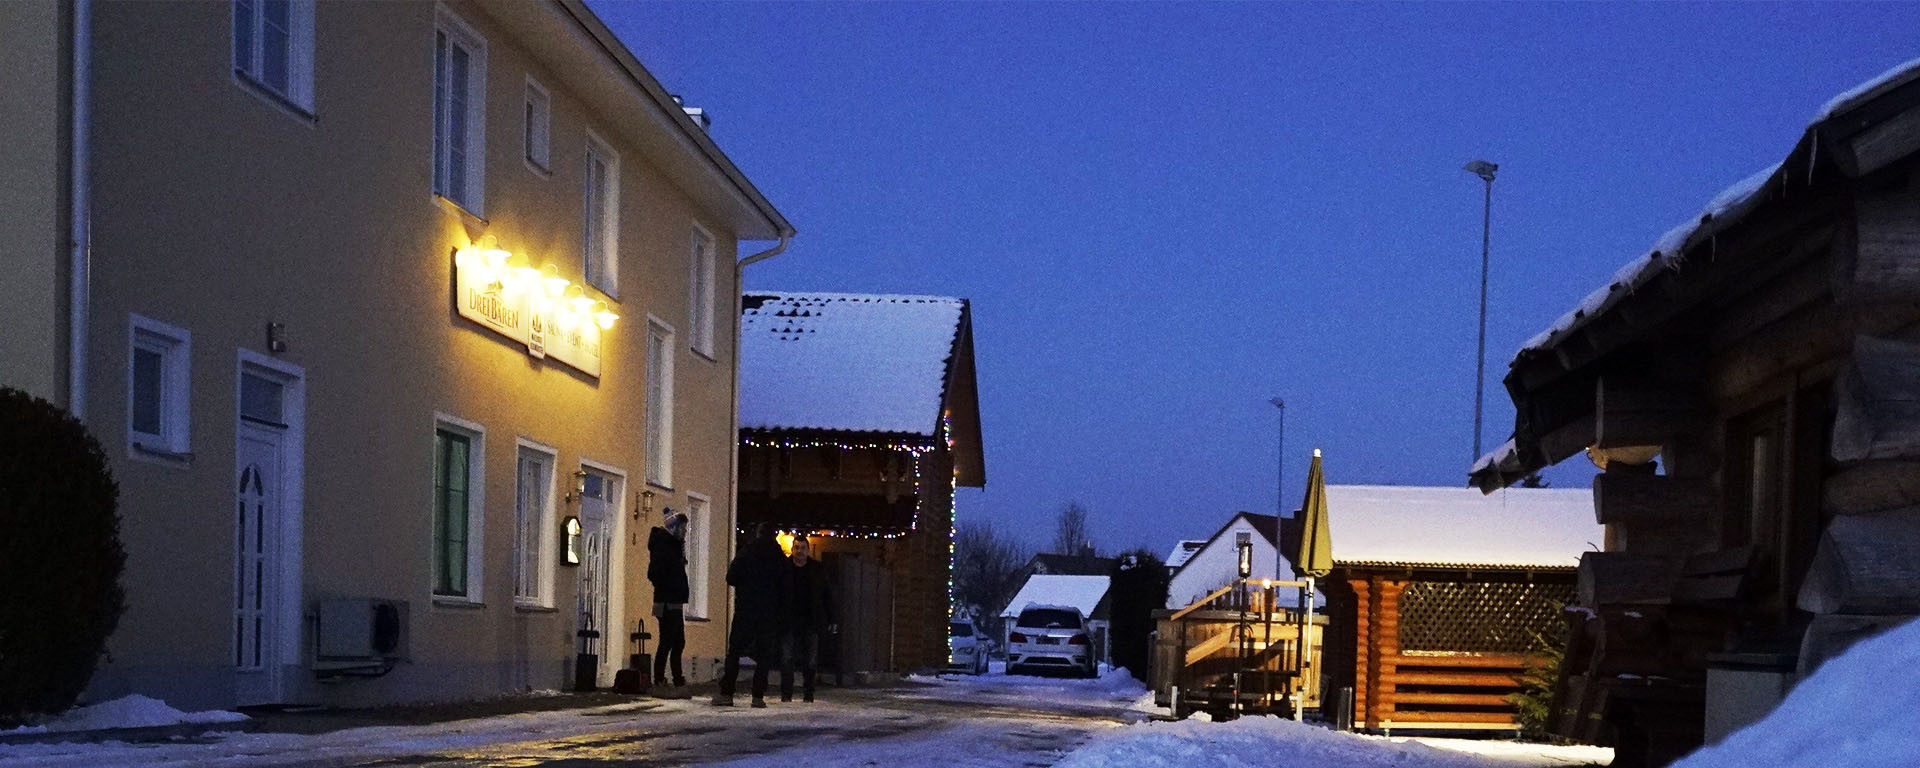 Russische Banja - öffentliche Sauna in 86551 Aichach bei Dasing/ Augsburg